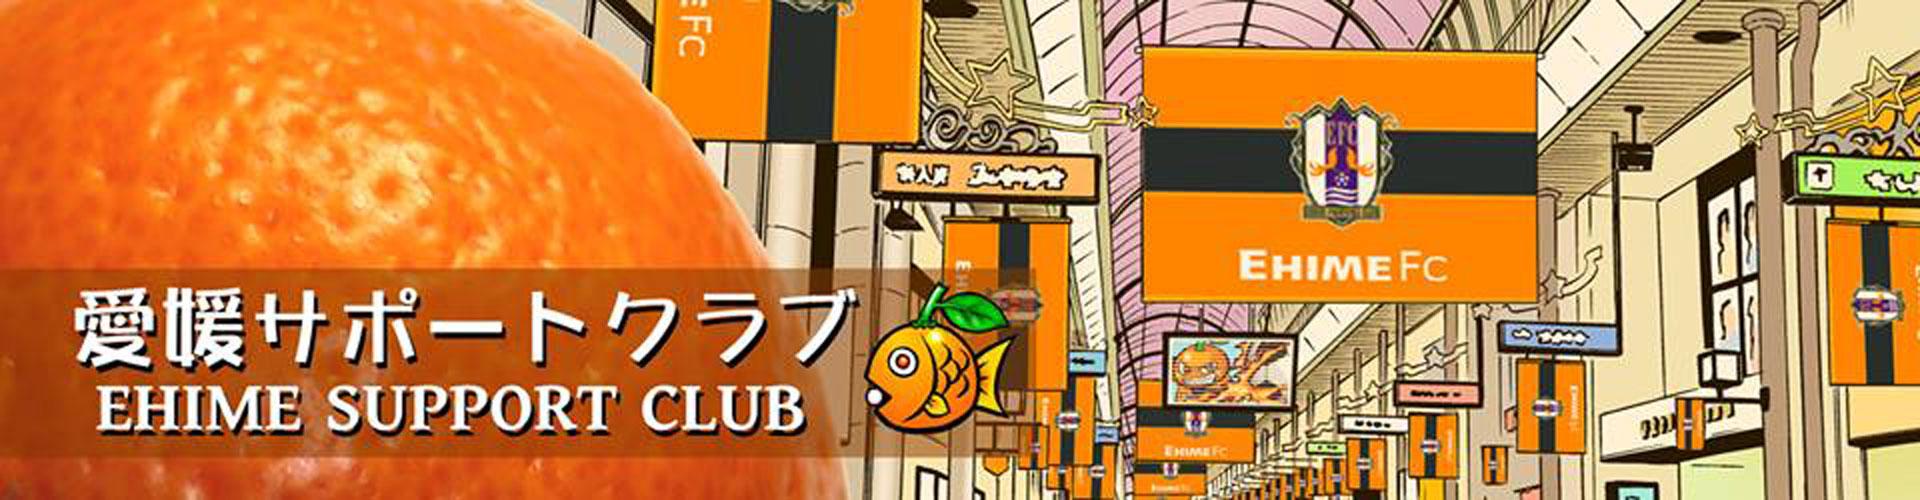 愛媛サポートクラブ